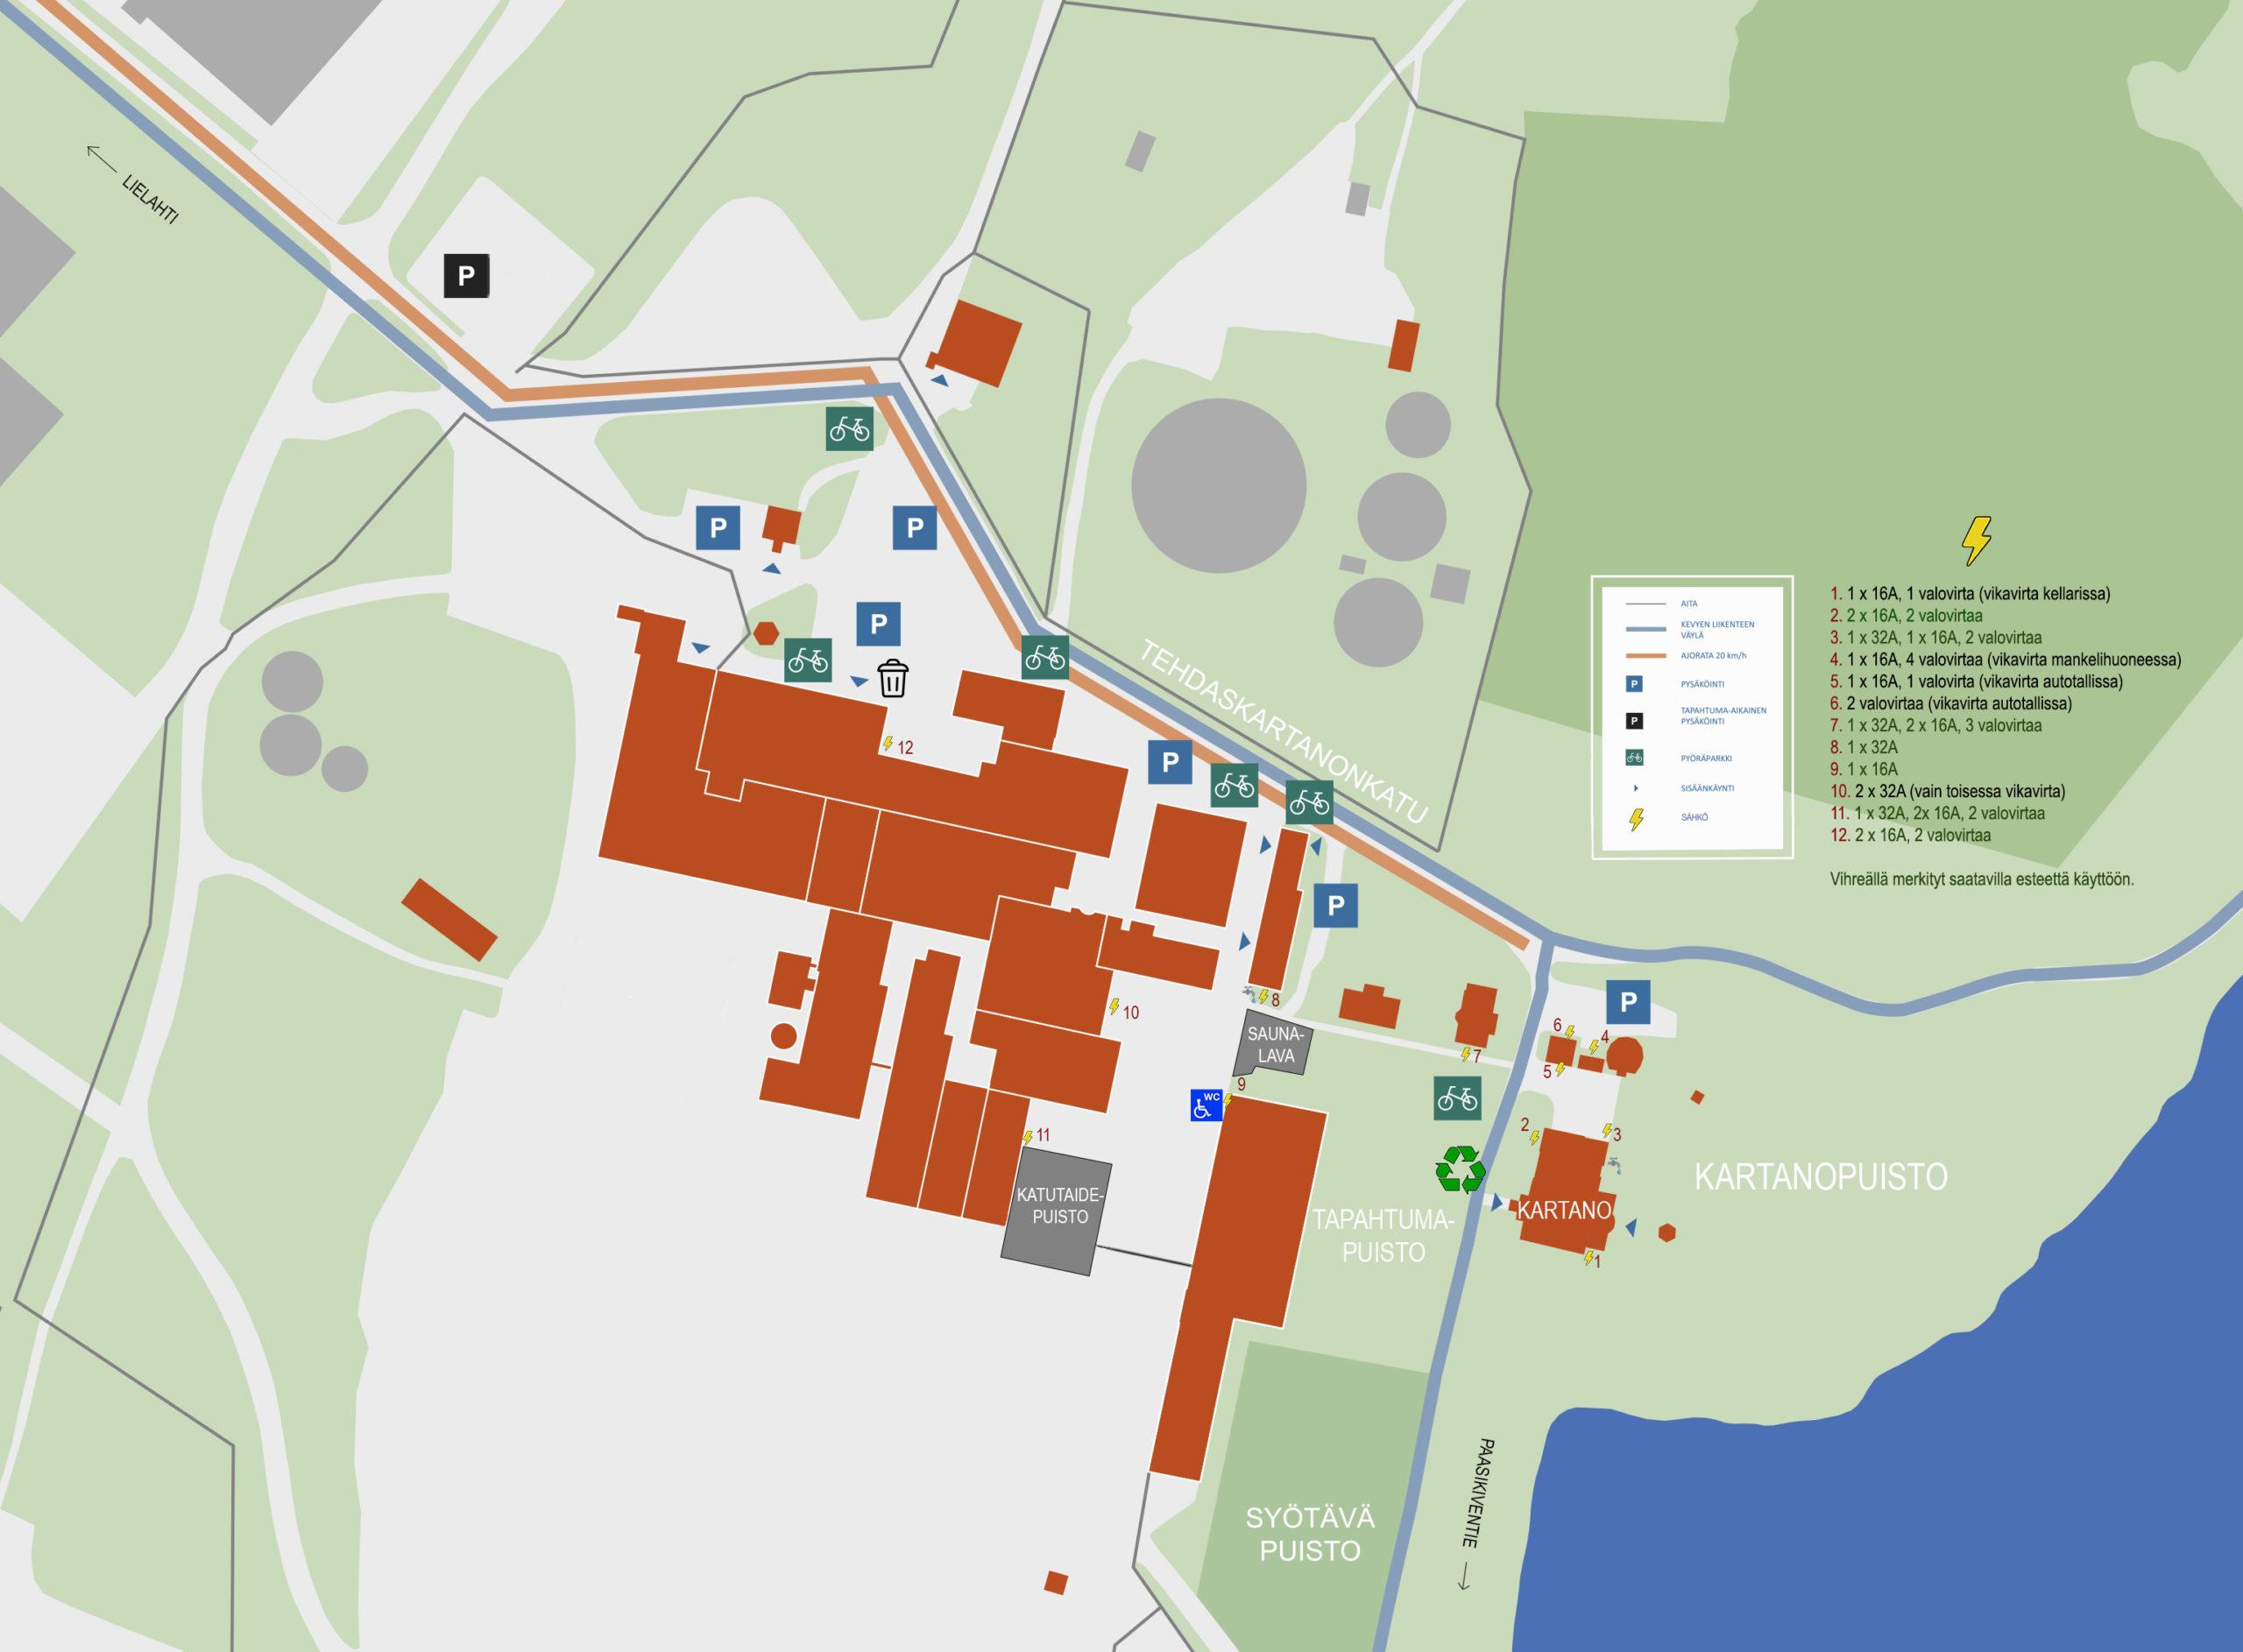 Karttakuva Hiedanrannan tapahtumapaikoista